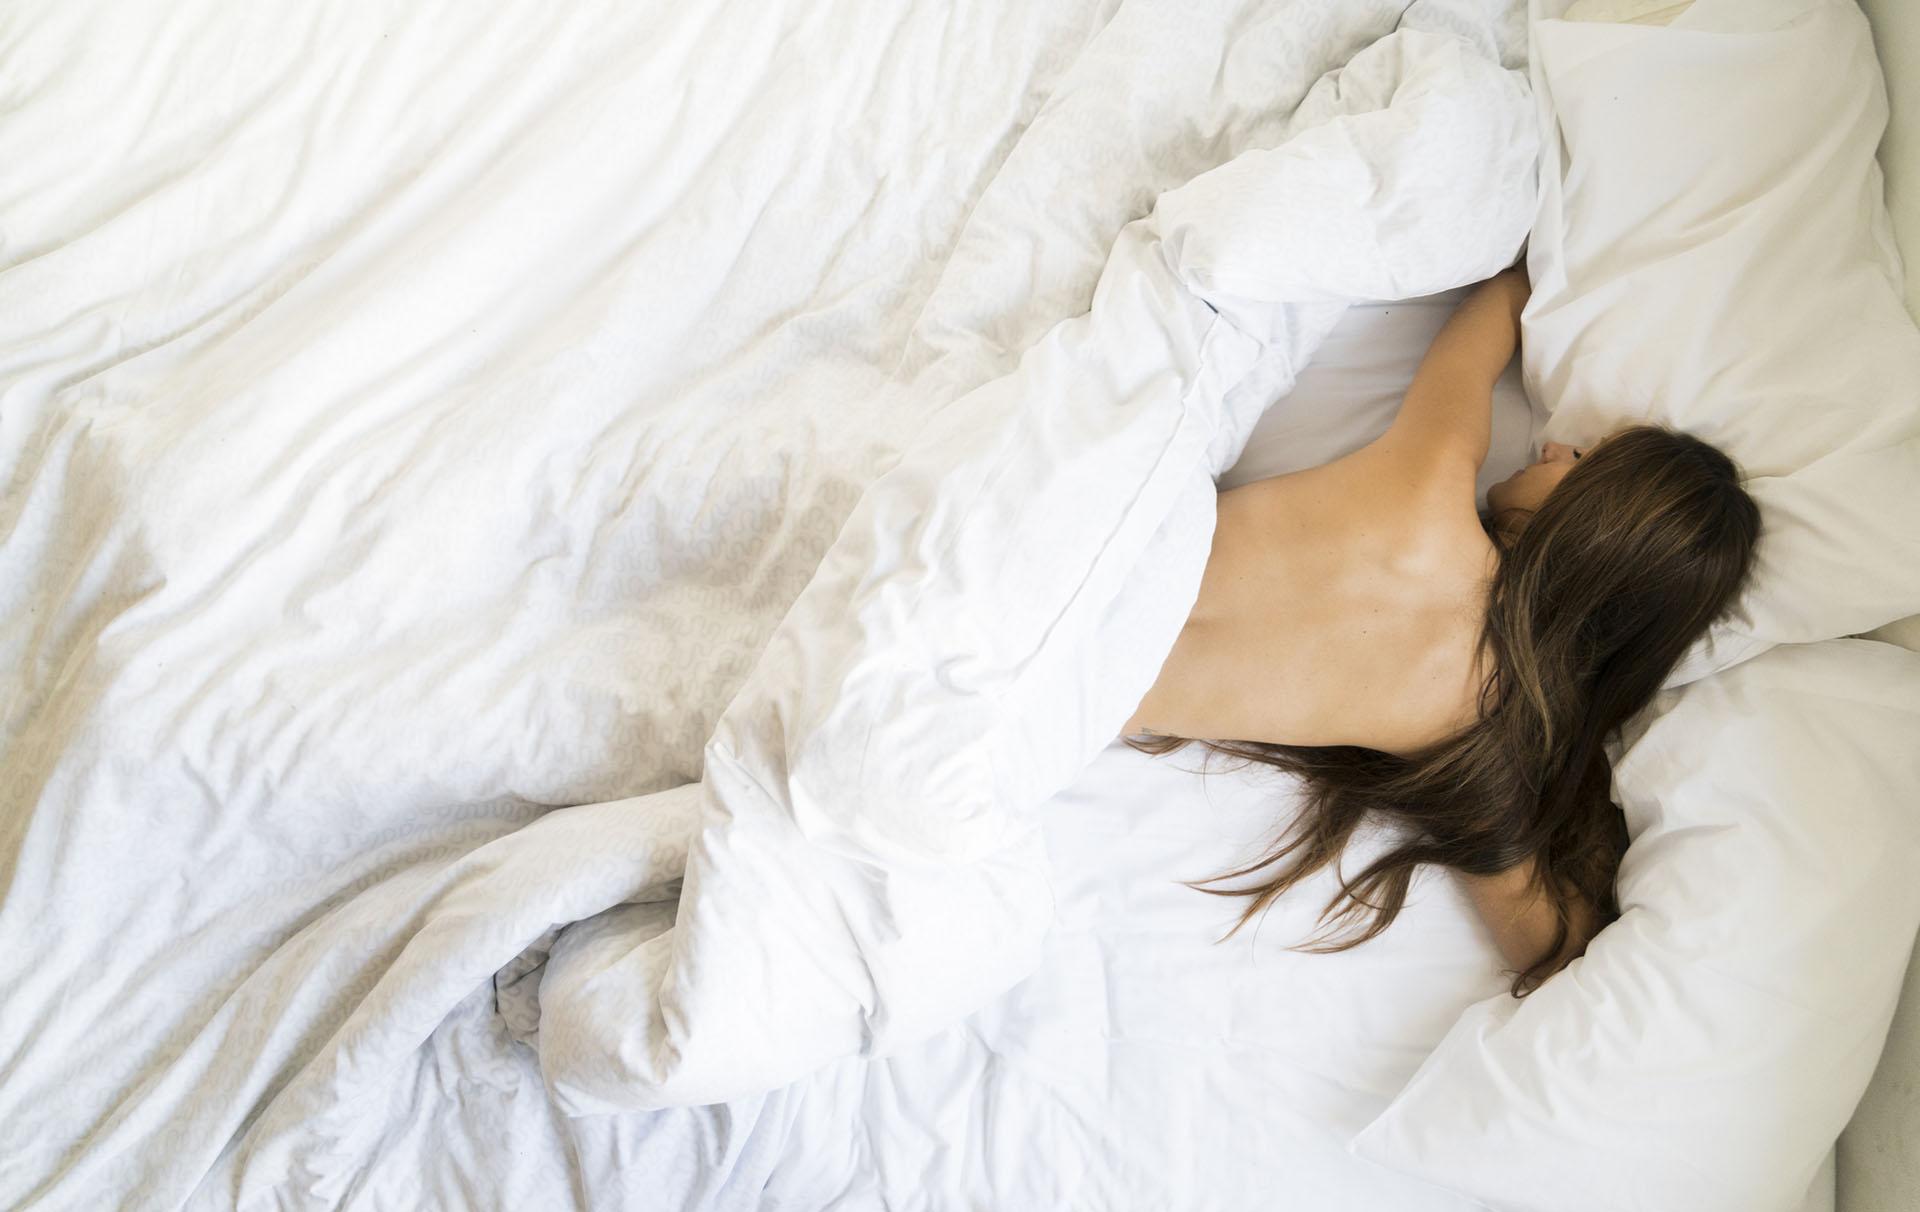 dormir nu est une façon de dormir dans la chaleur